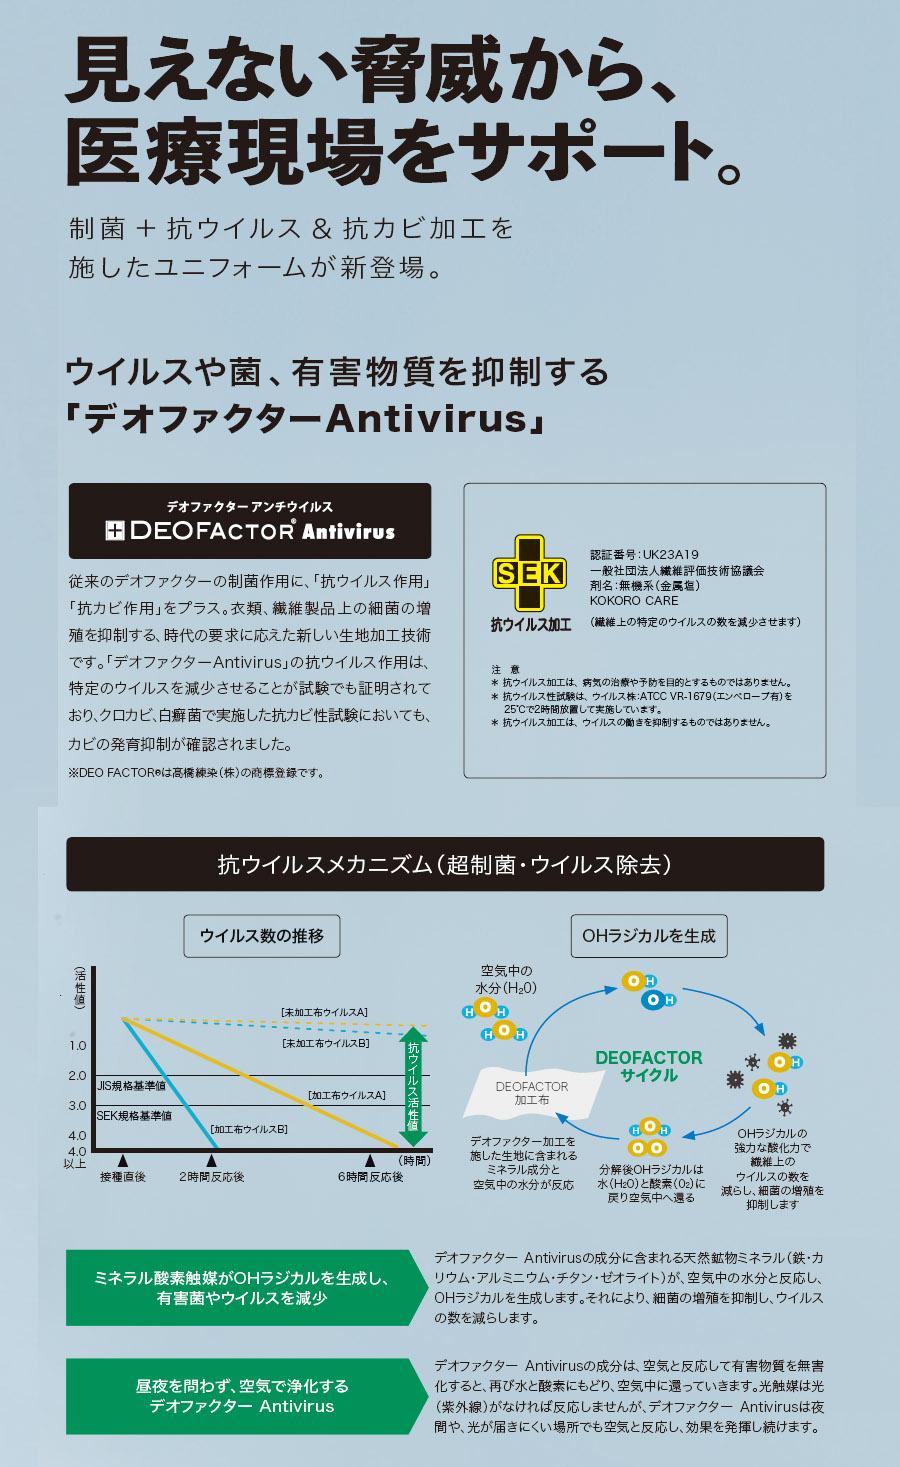 【Mizuno】ミズノ 抗ウイルス加工スクラブ 白衣(男女兼用/制菌/抗カビ)